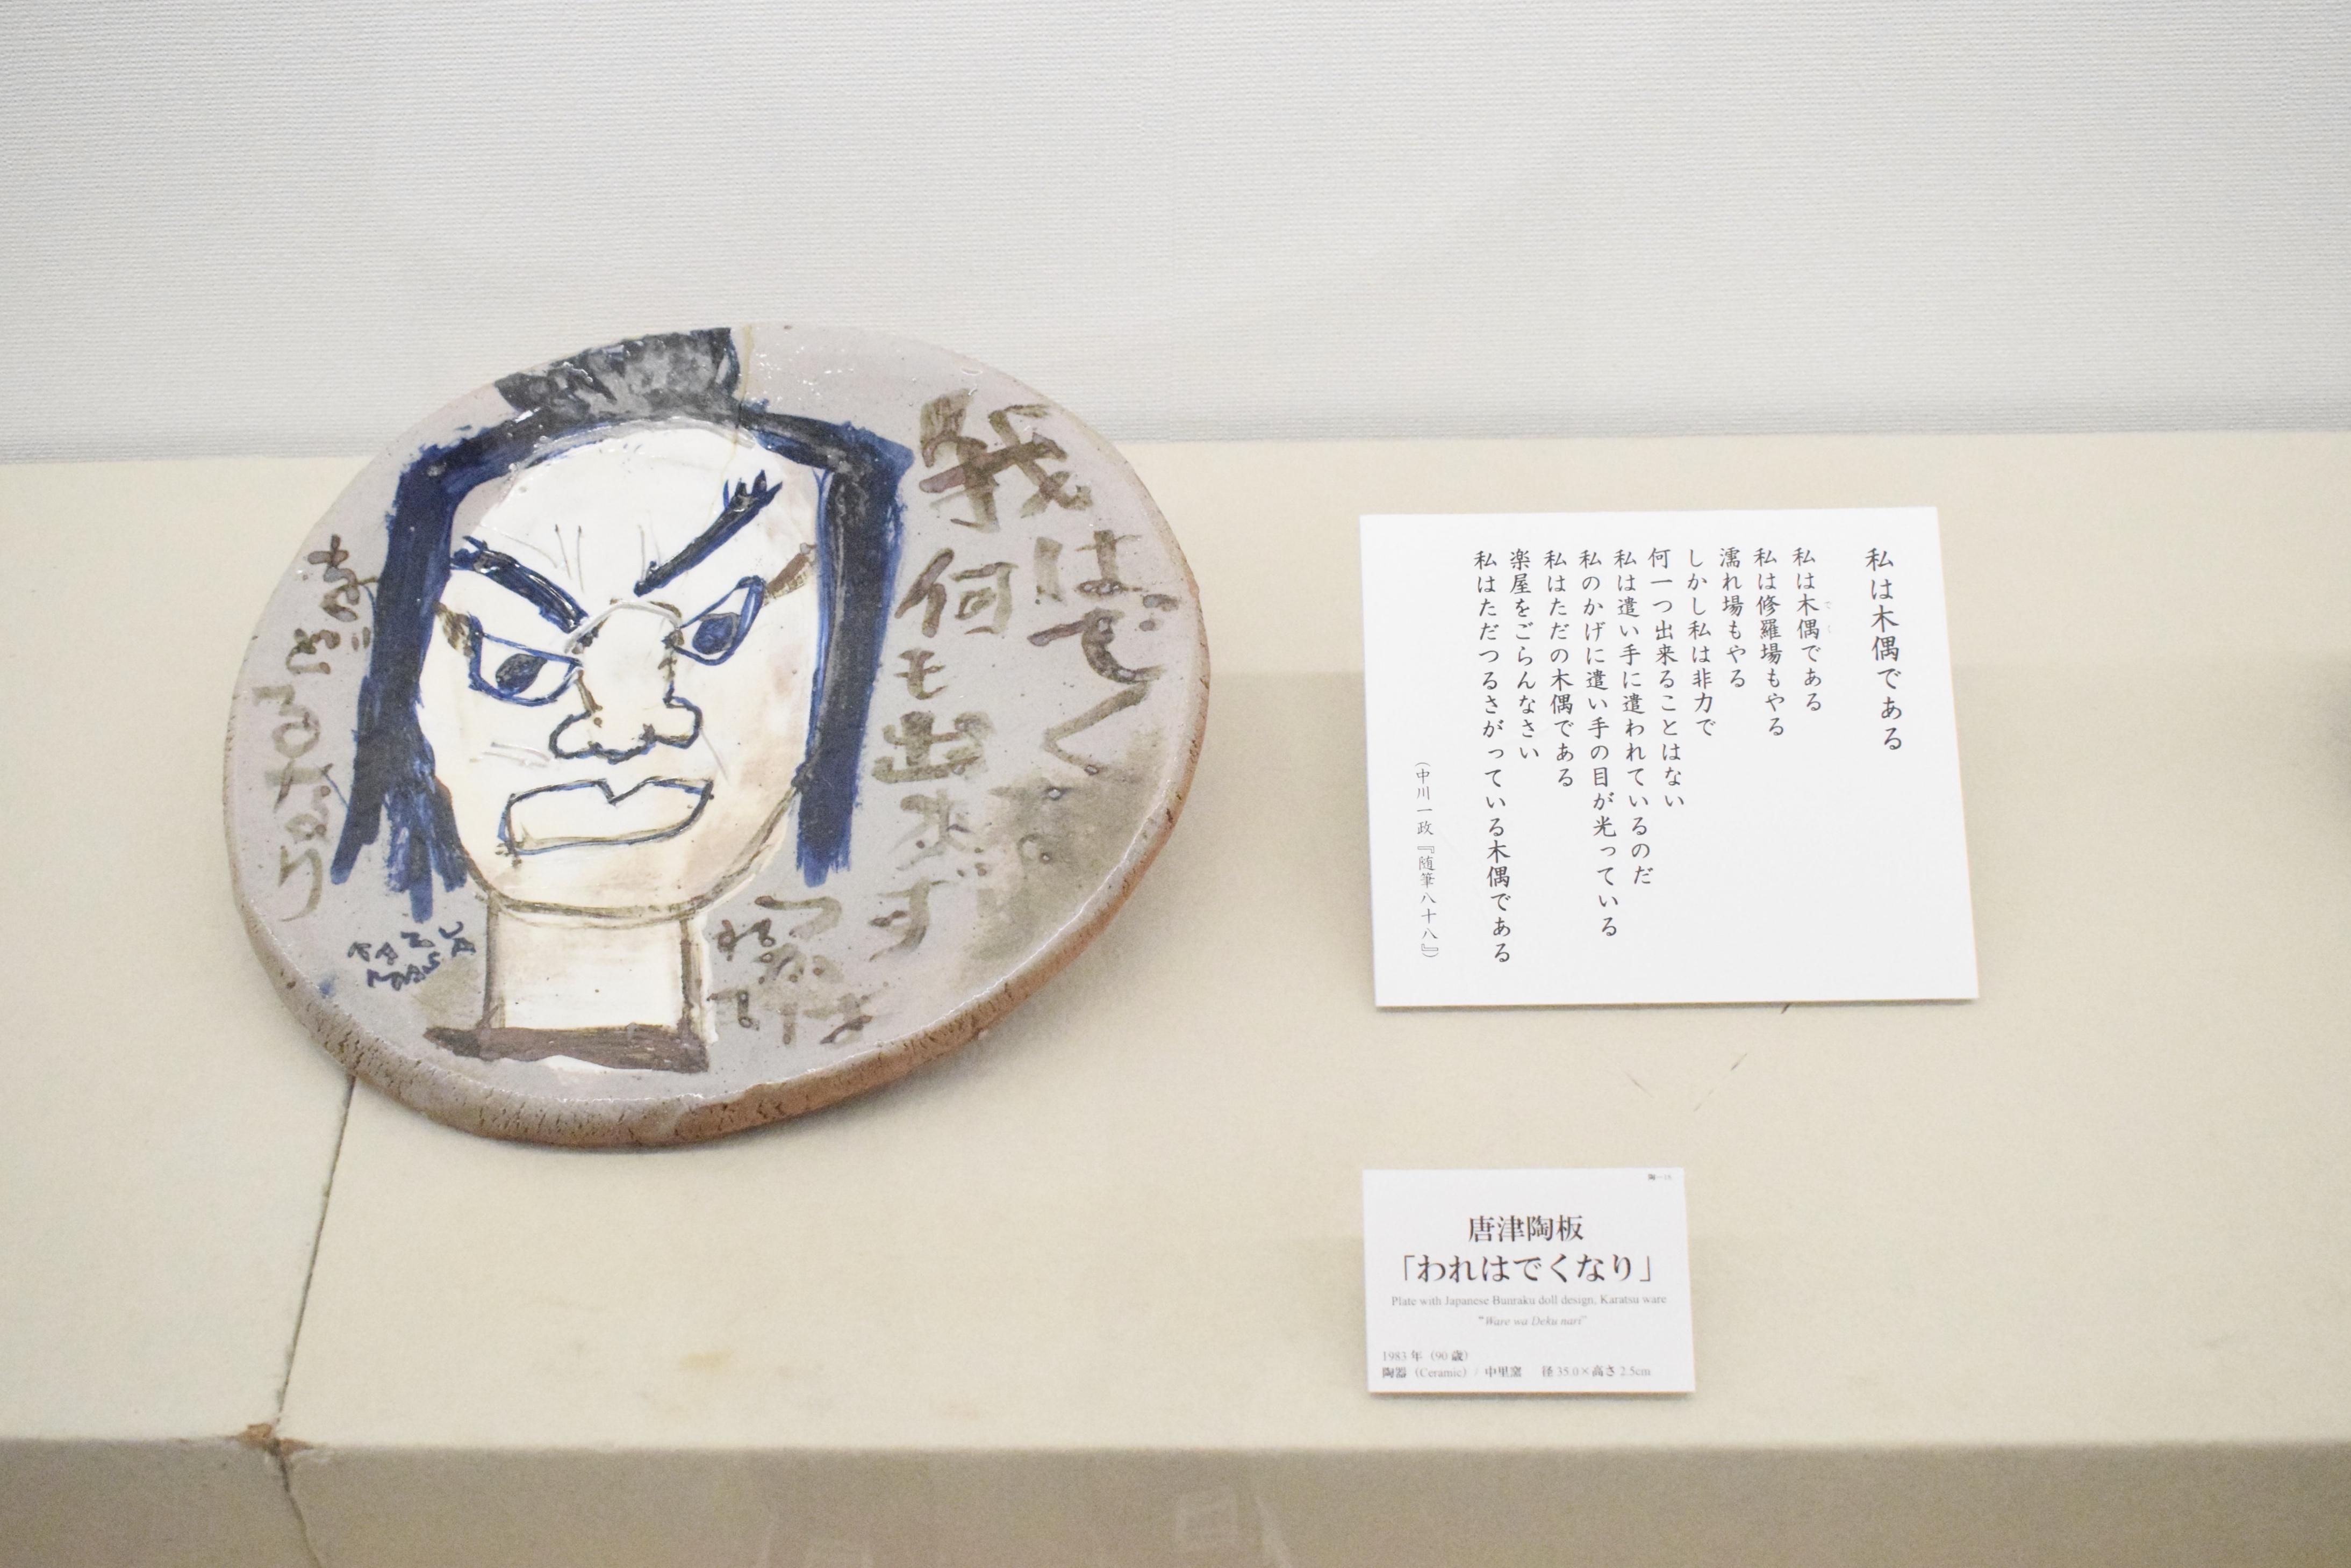 中川さんの90歳時の作品、唐津陶板「われはでくなり」1983年